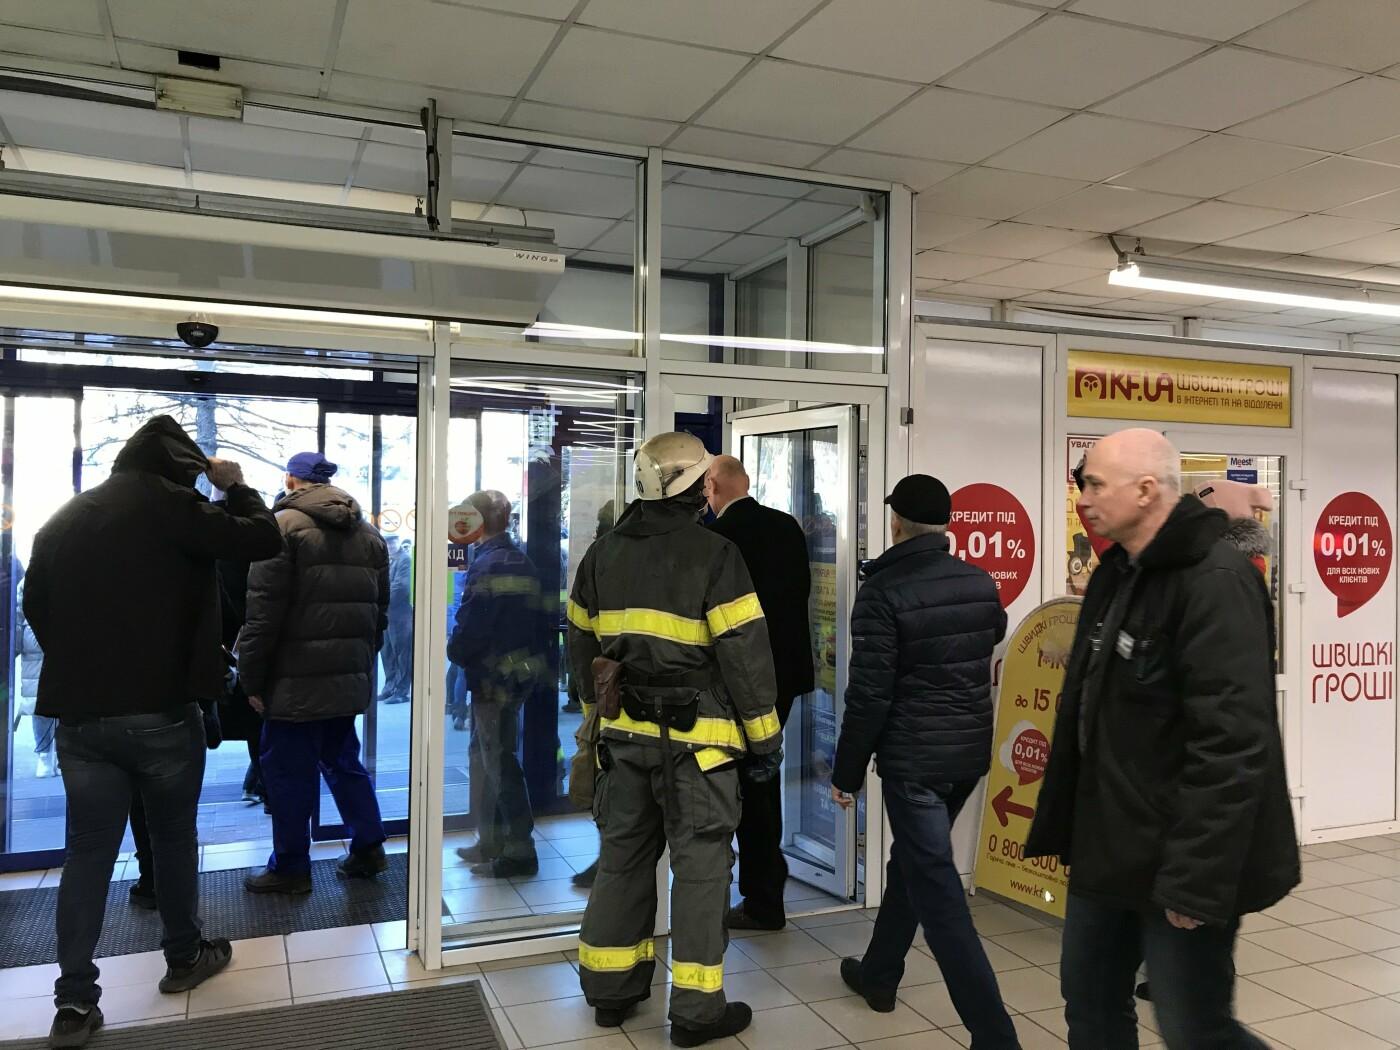 Из супермаркета в центре Мелитополя эвакуировали 120 человек, - ФОТО, фото-6